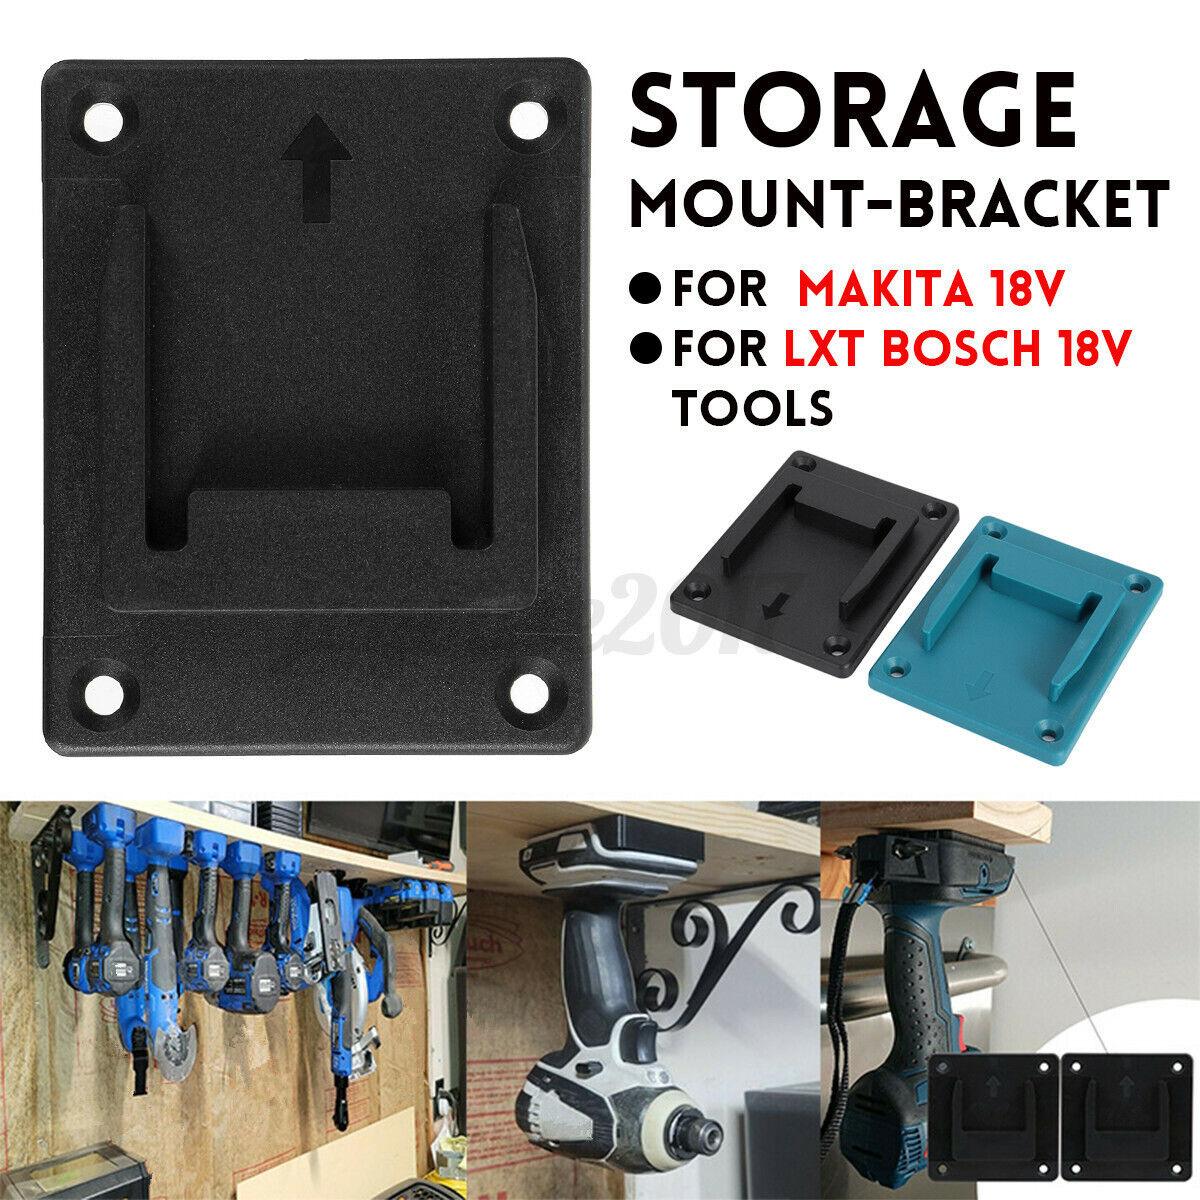 Destornillador eléctrico soporte soporte de pared soporte de pared para Makita Bosch 18v